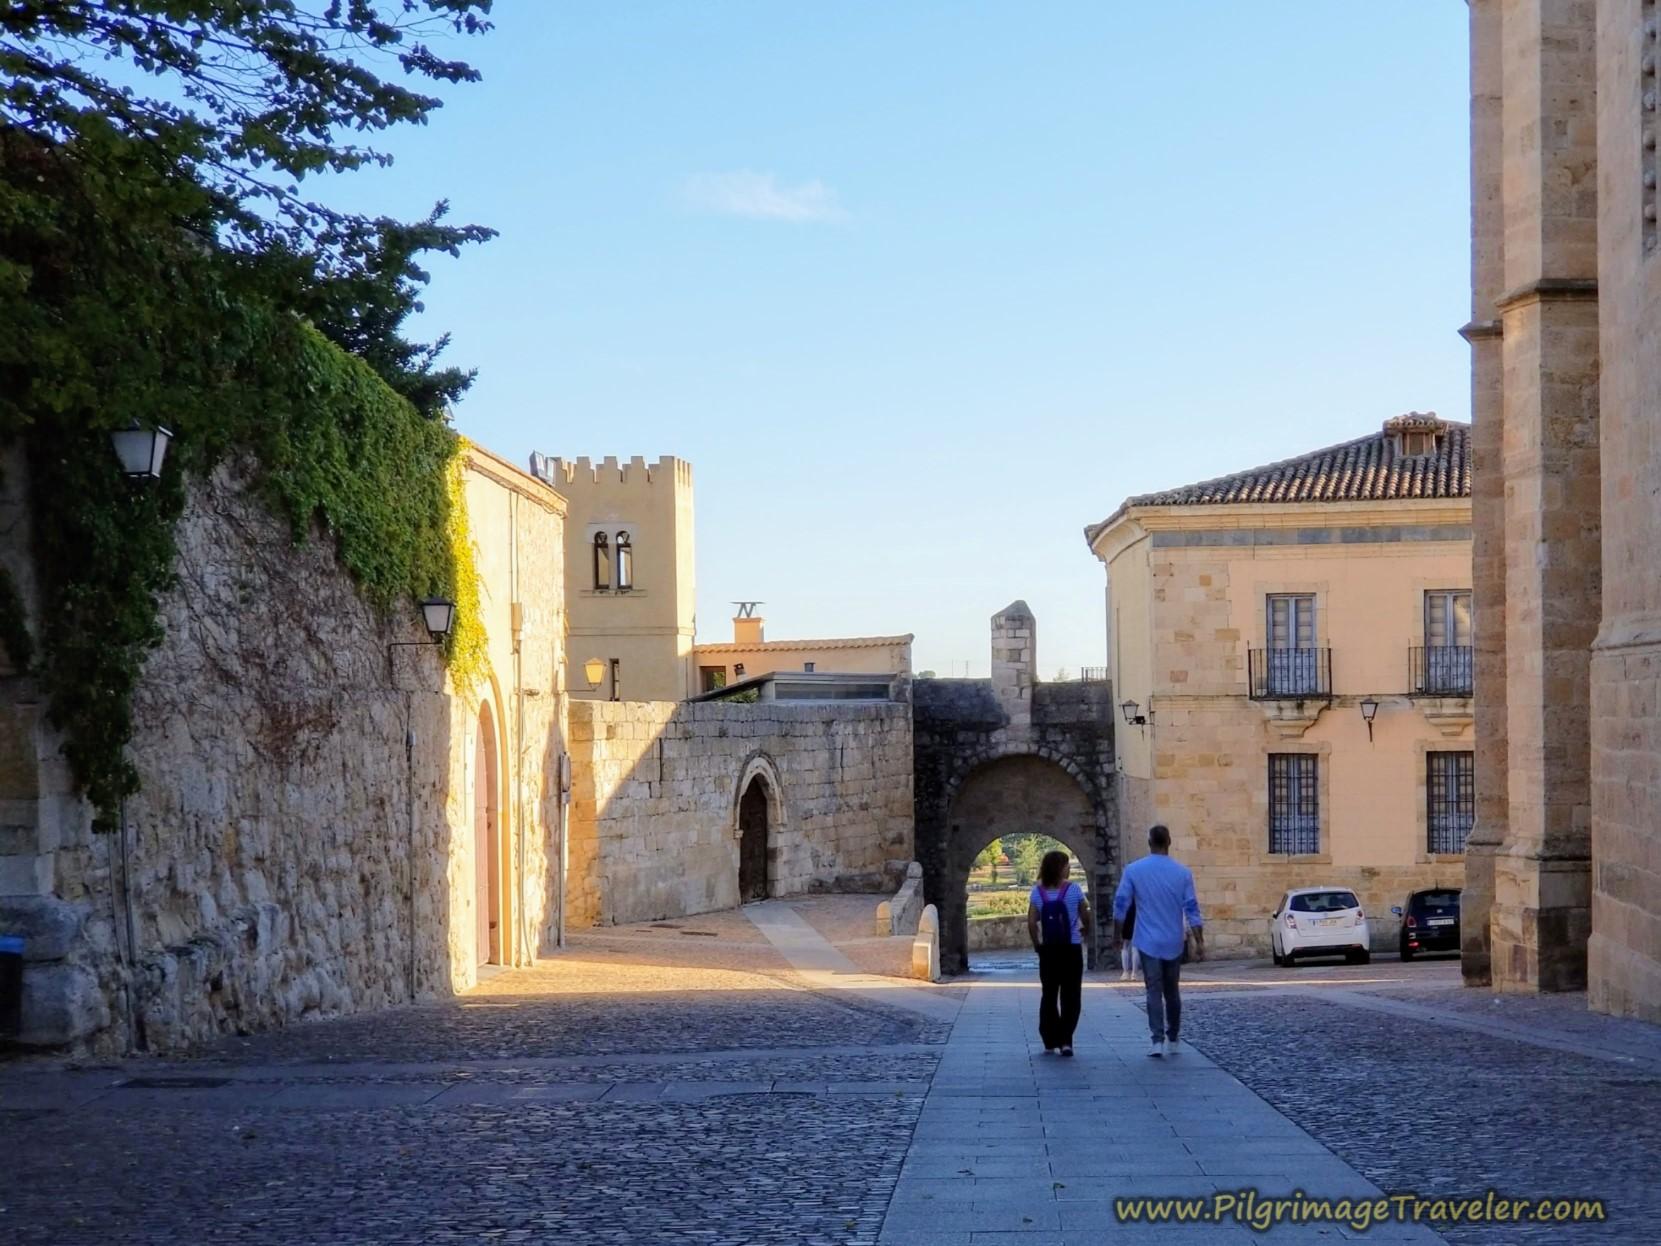 Plaza de Antonio del Águila and the Puerto del Obispo, Zamora, Spain